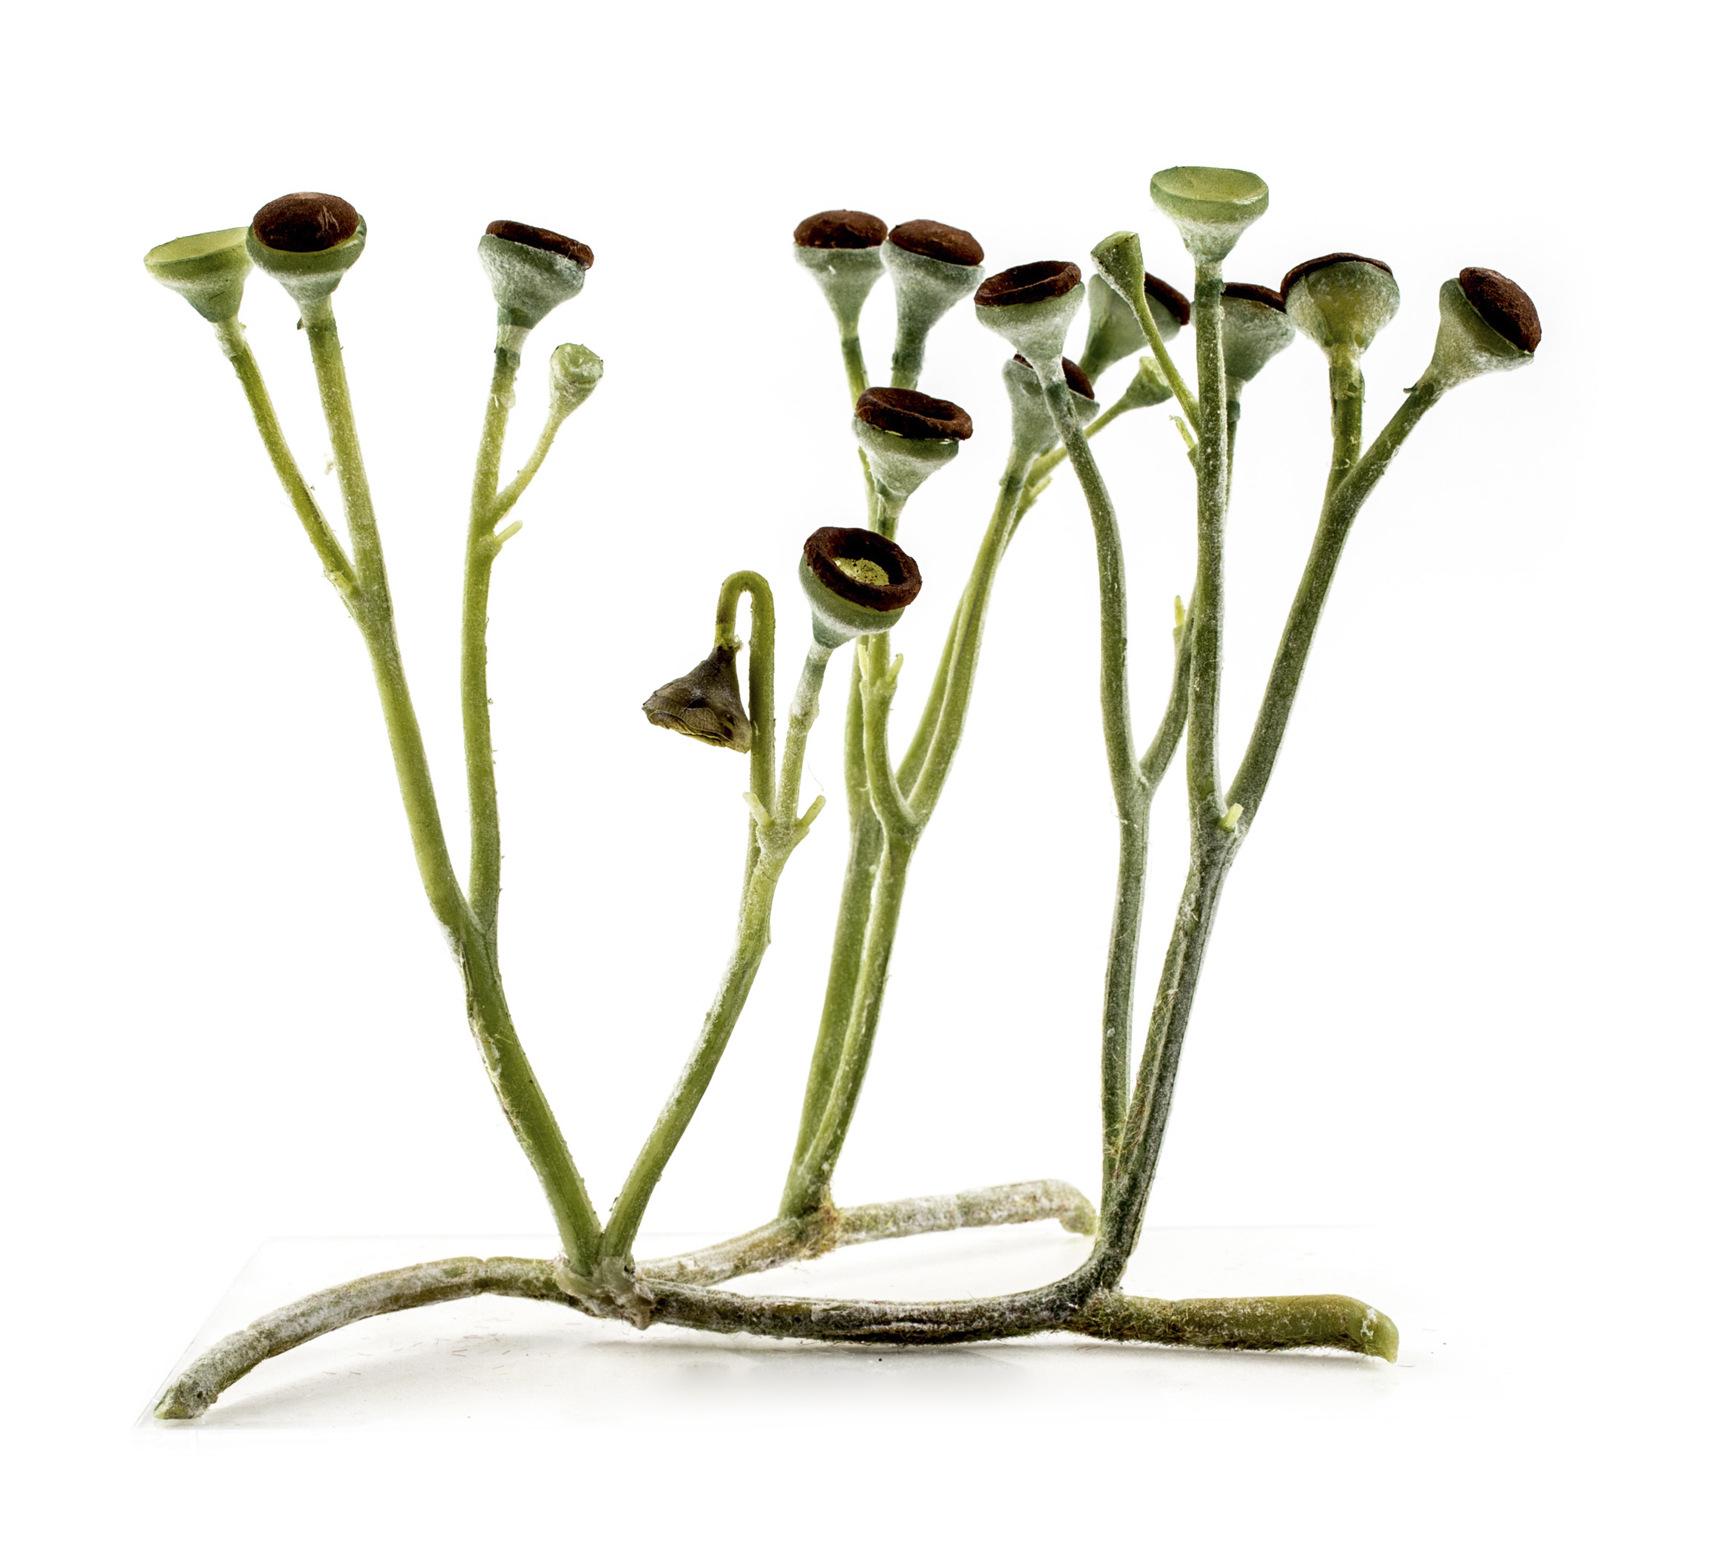 Cooksoniase zdá být nejjednodušší cévnatou rostlinou. Má větvené stonky s kulovitými výtrusnicemi. Rekonstrukce je z dílny Matteo De Stefano/MUSE Science Museumof Trento. Wikimedia Italia.